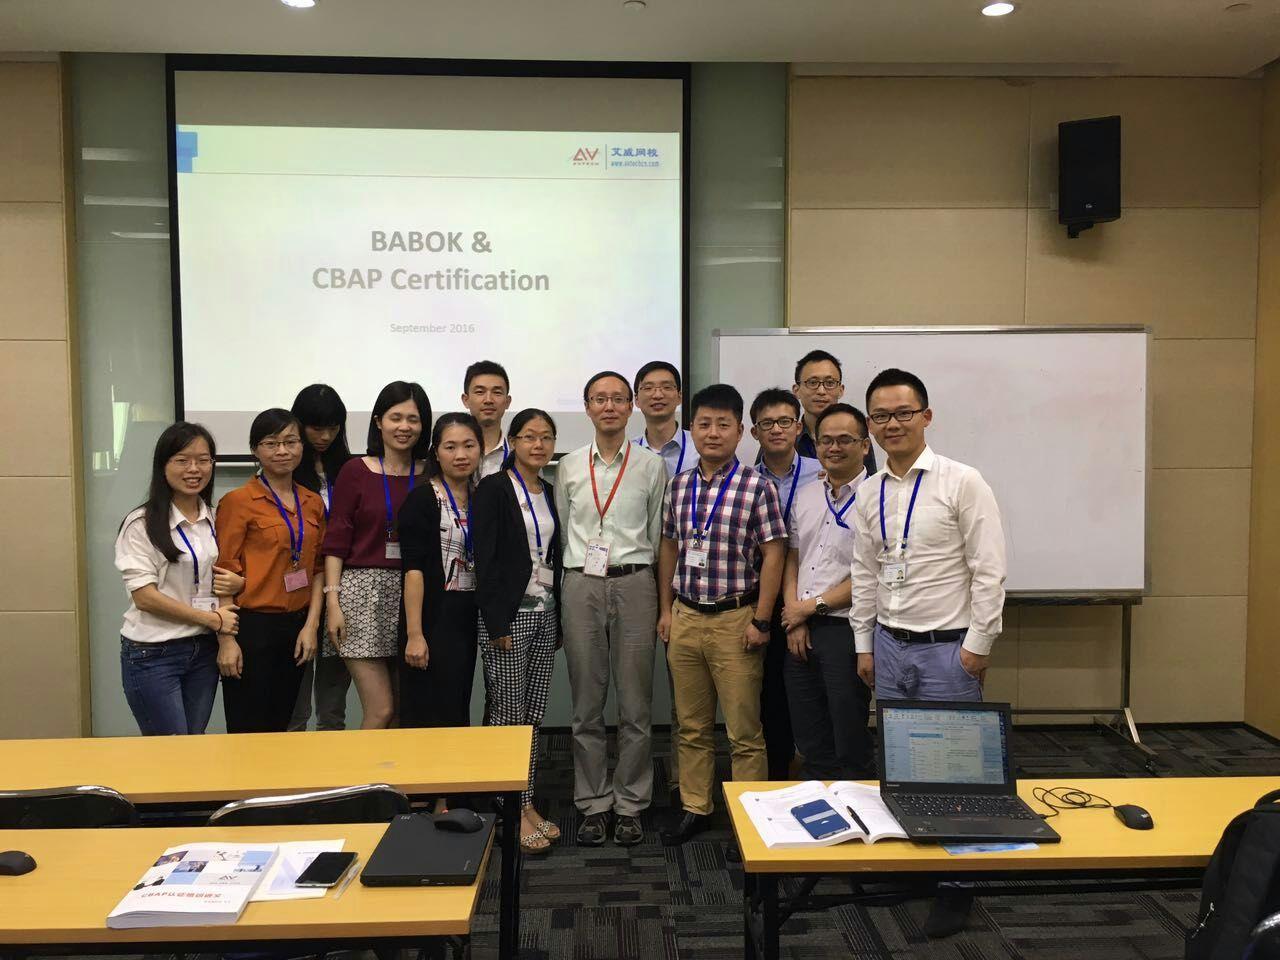 新能源公司商业分析师CBAP认证培训举办